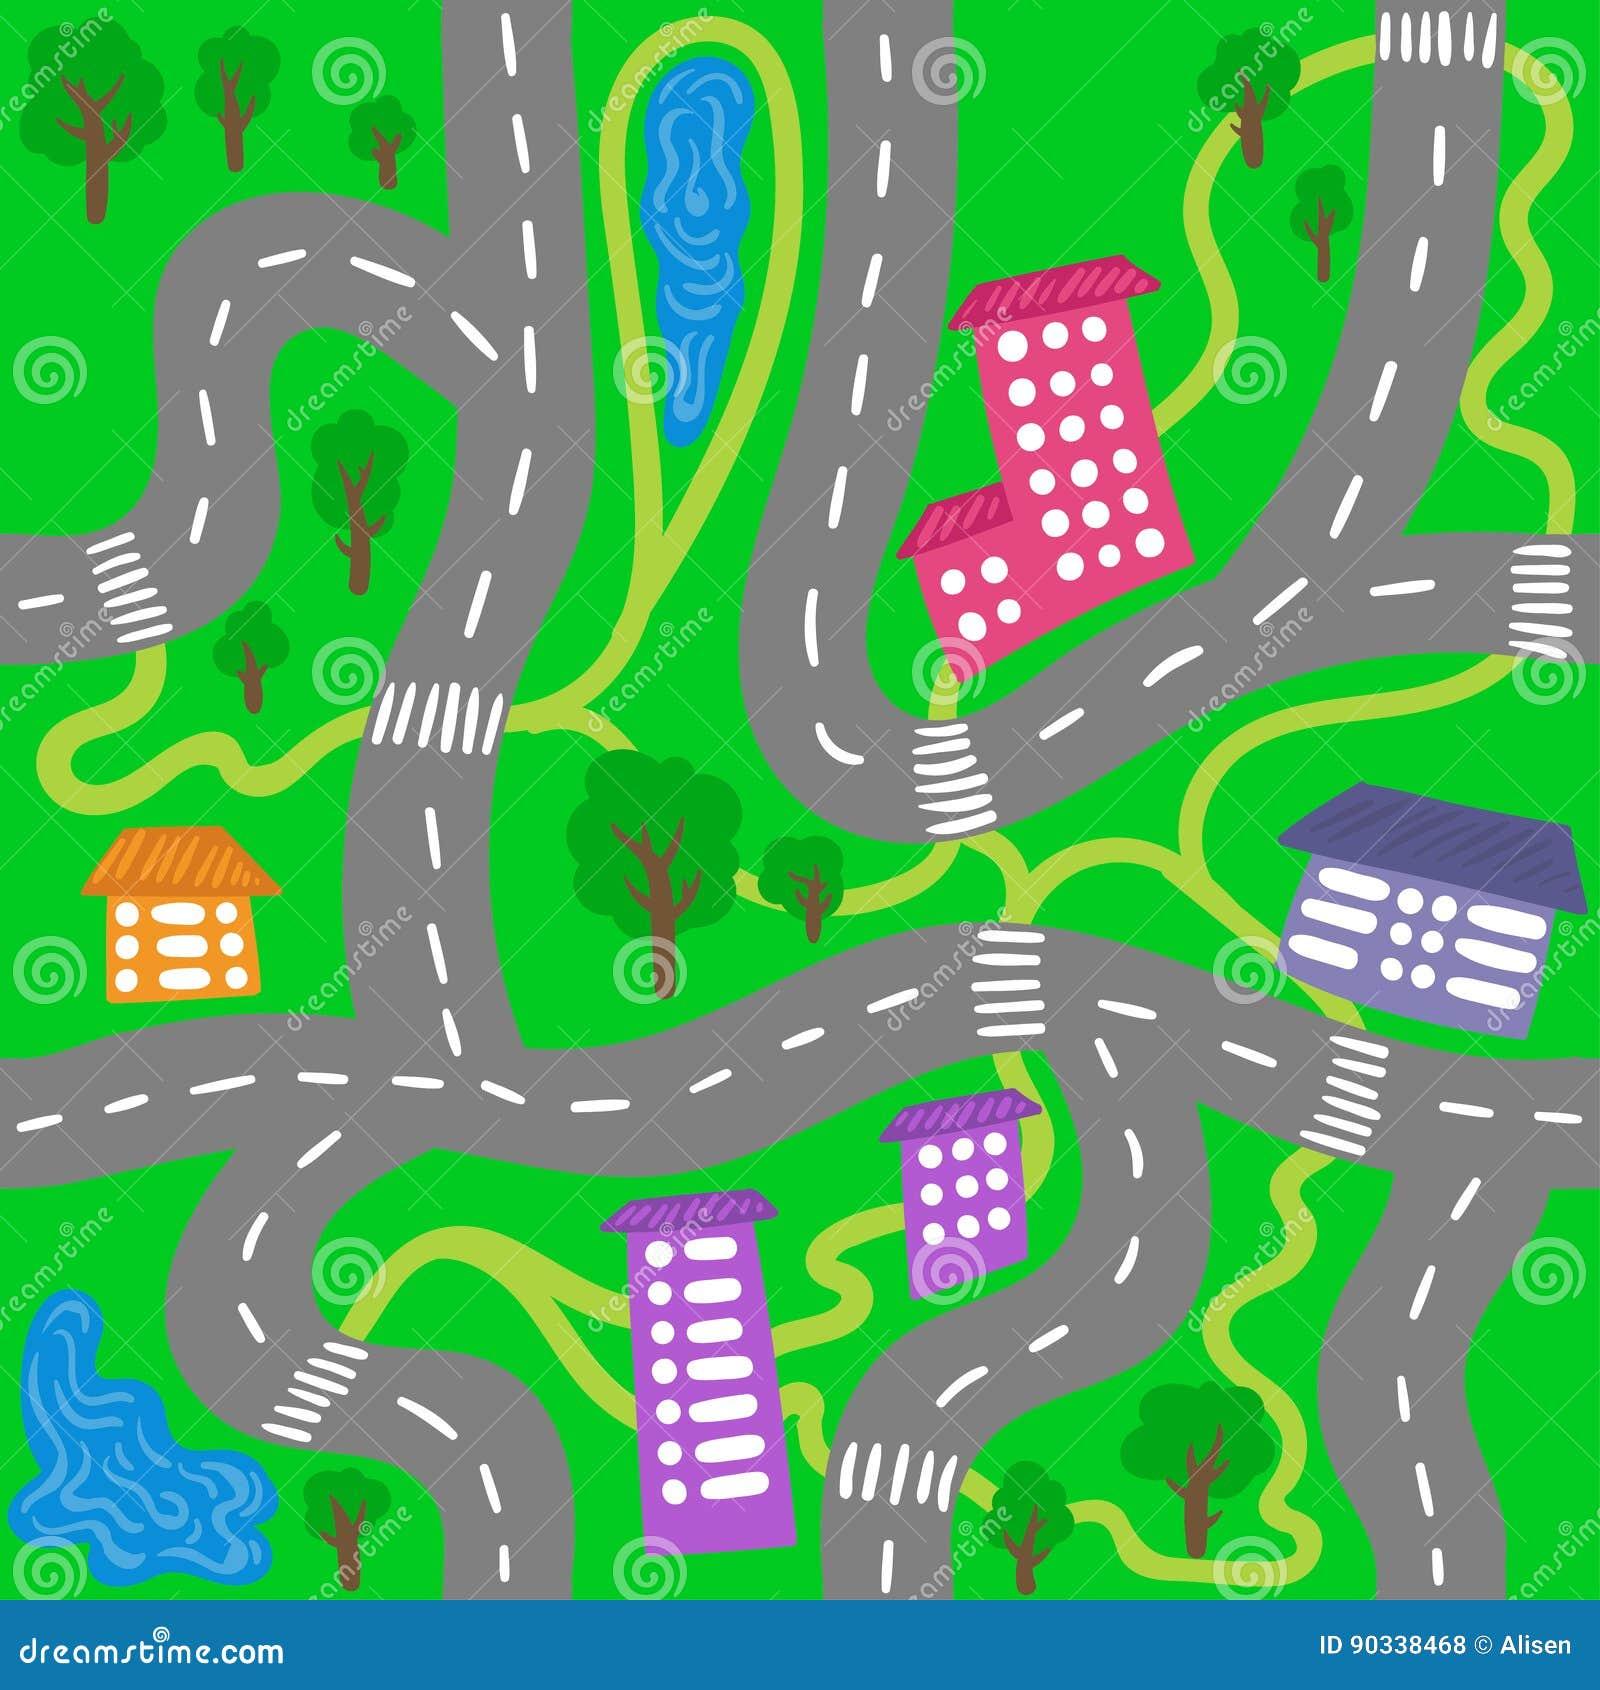 Mapa Ciudad Para Niños.Mapa De La Ciudad Del Nino Modelo Inconsutil De La Ciudad